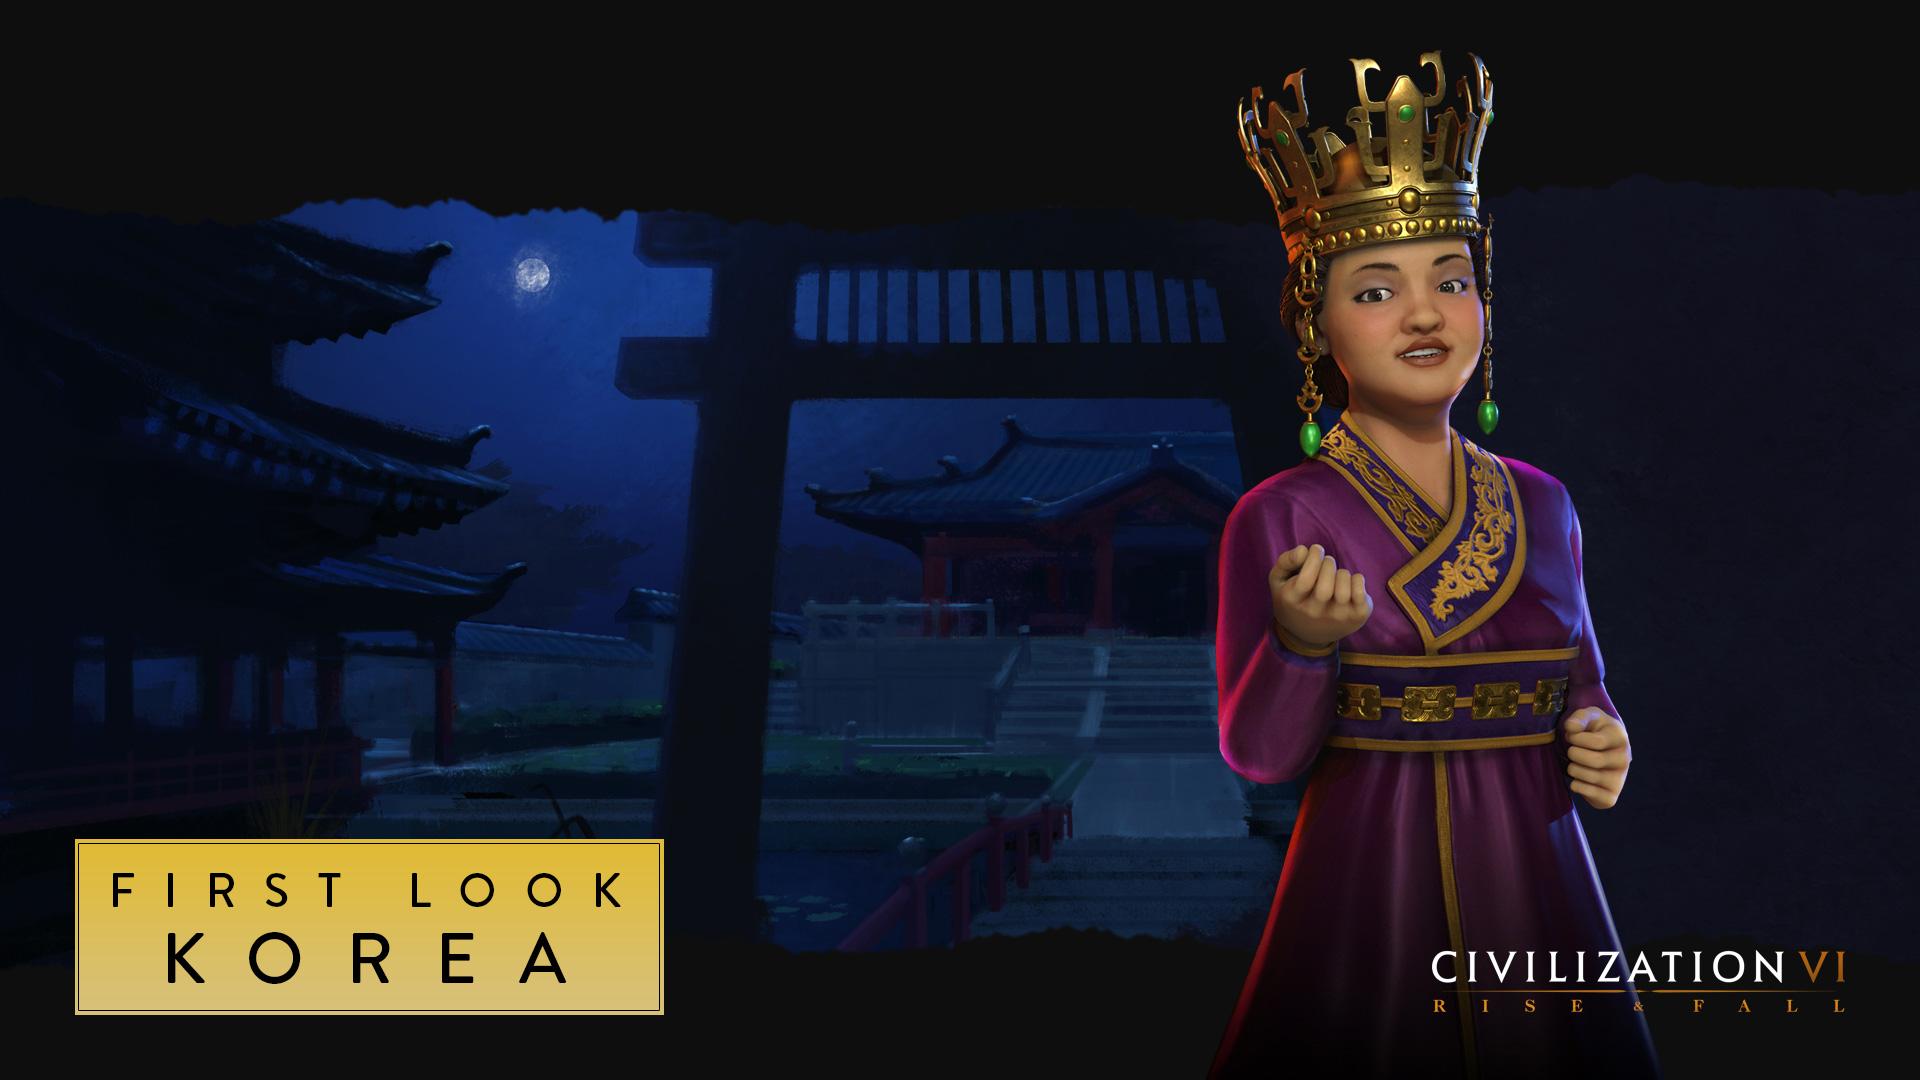 В новом видеоролике Civilization 6: Rise and Fall показали Корею